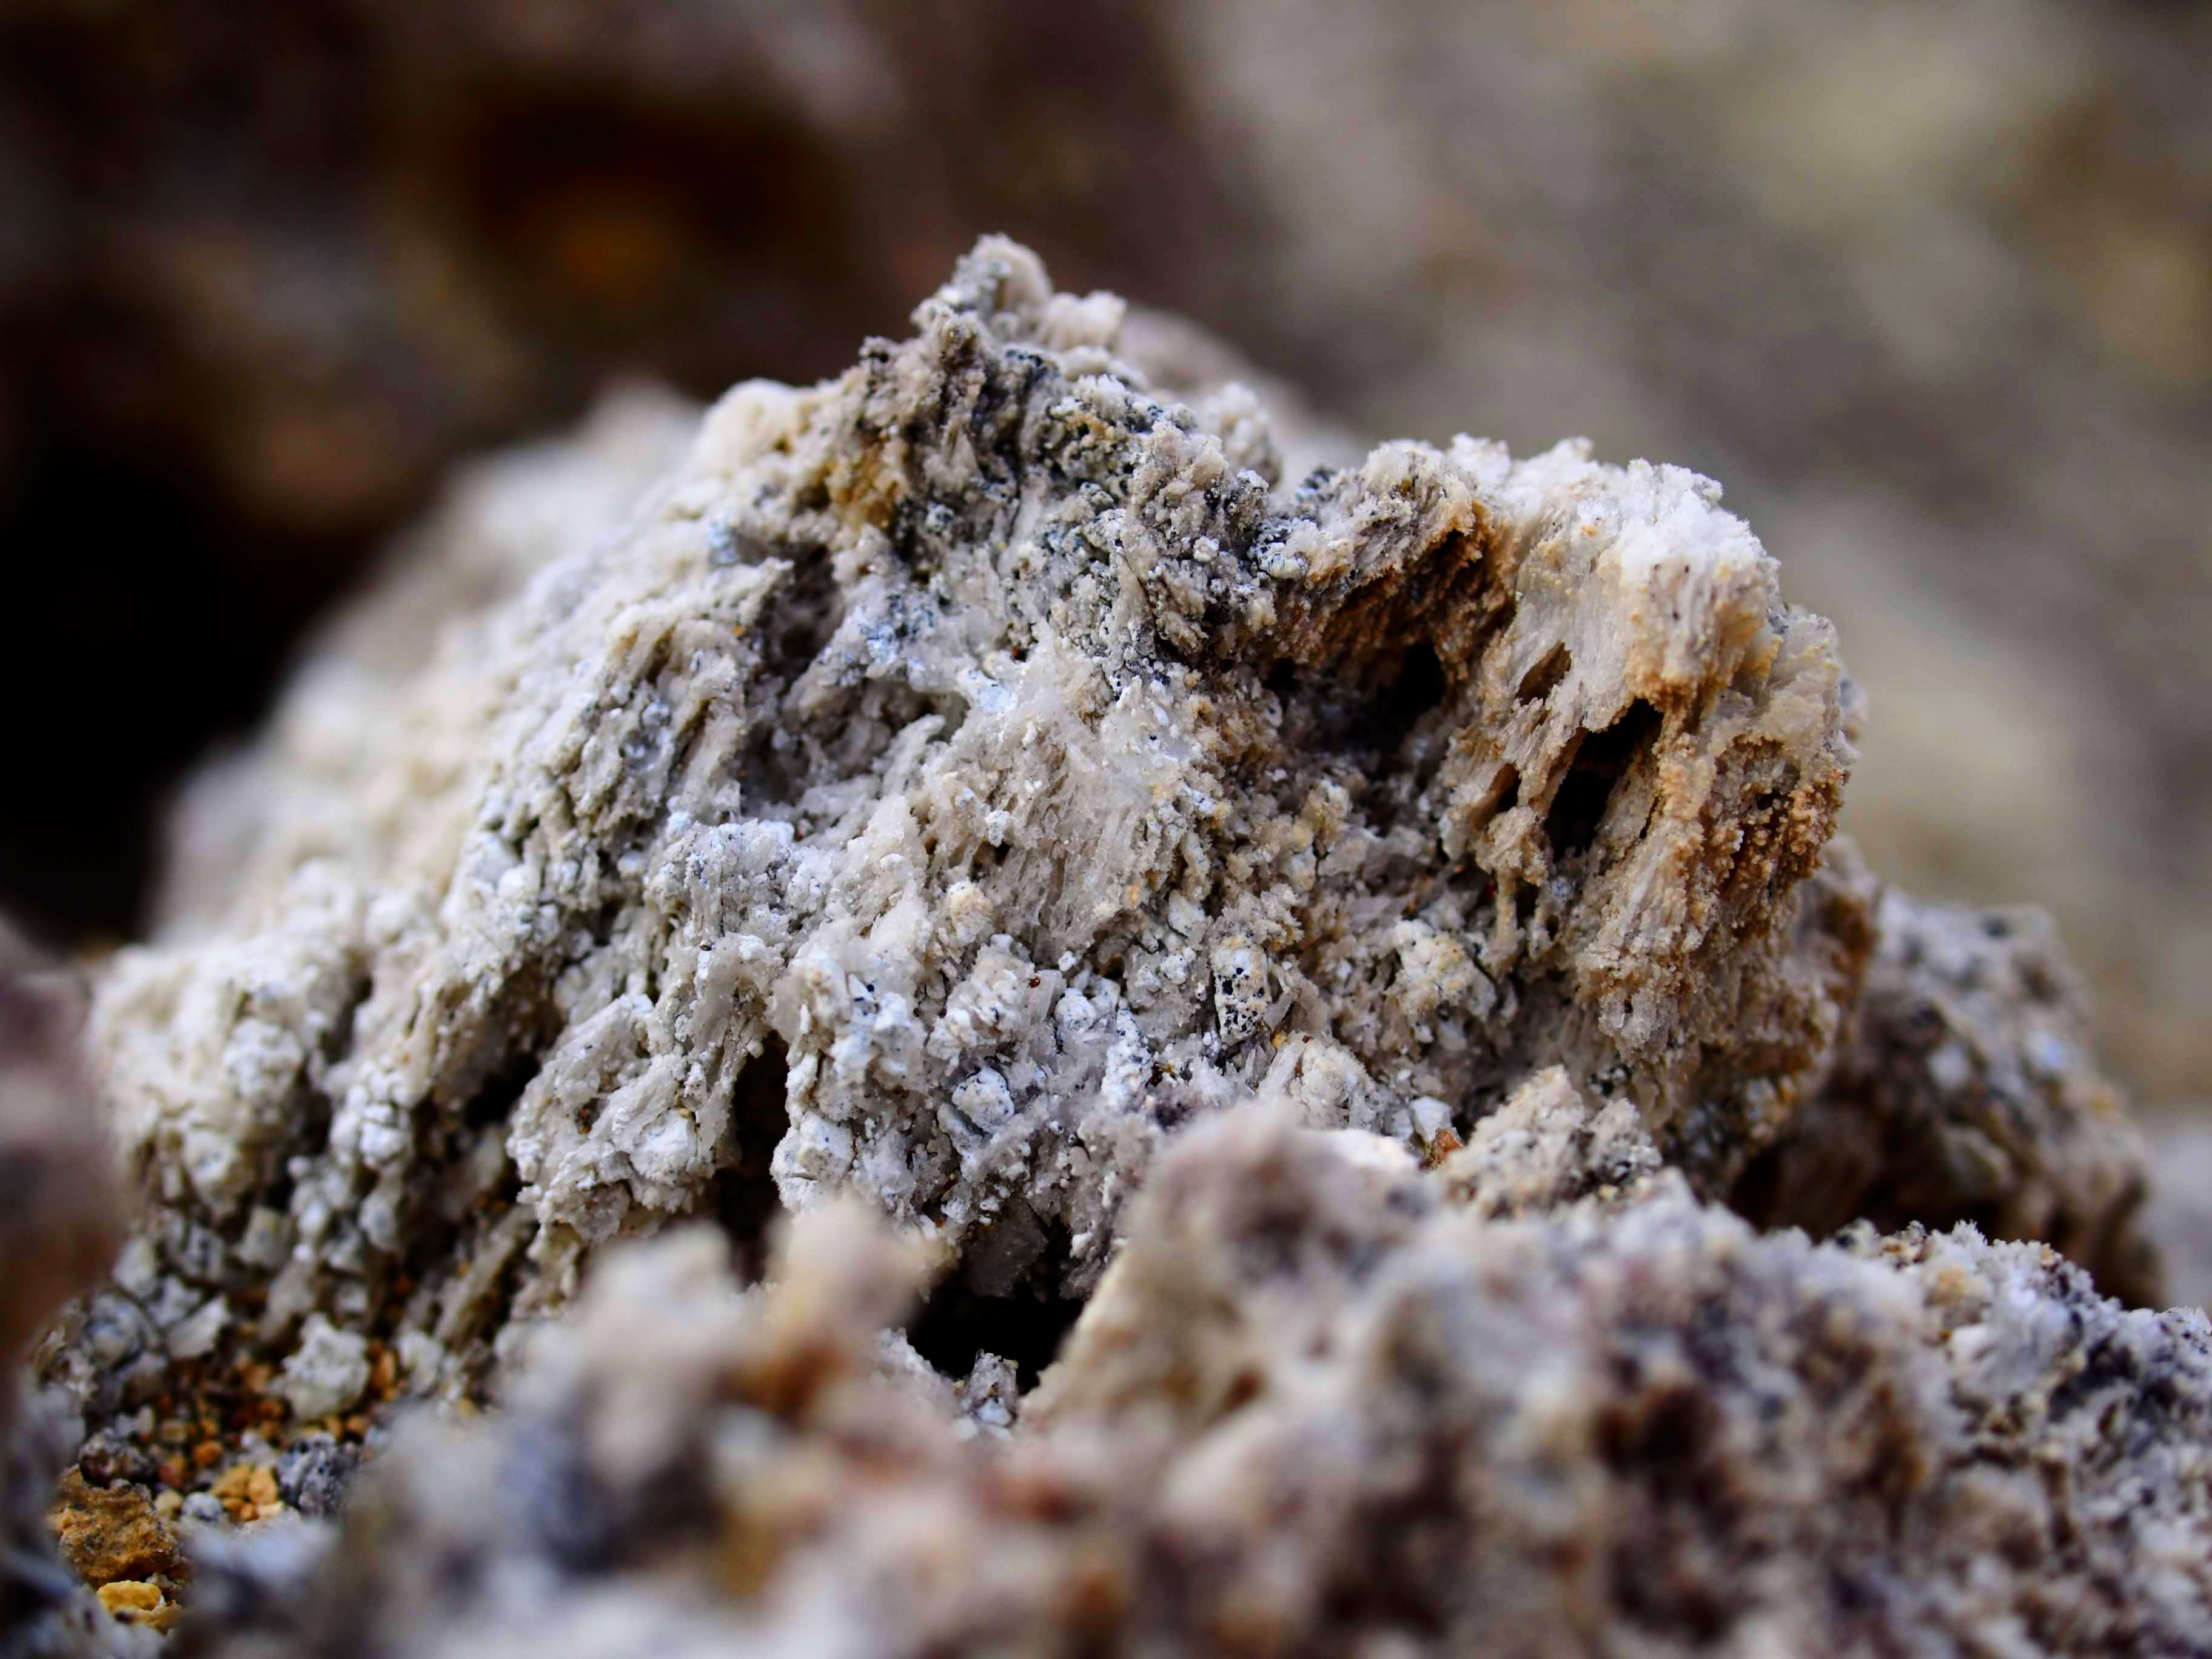 Podivné tvary kamenů, Námafjall